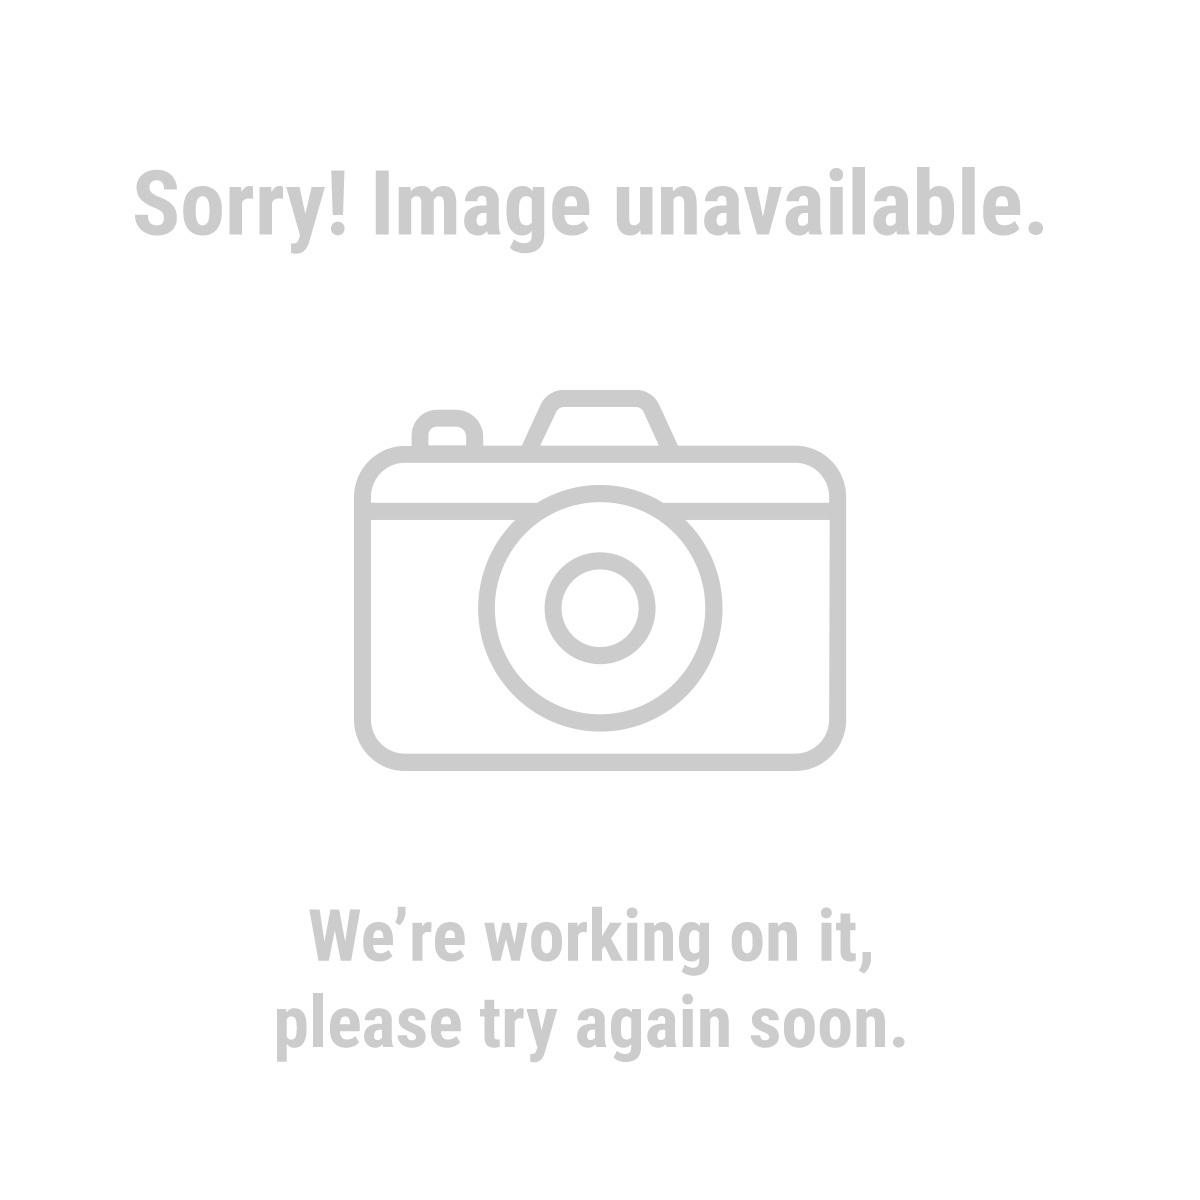 Central Pneumatic® 68992 40 Lb. Pressurized Abrasive Blaster